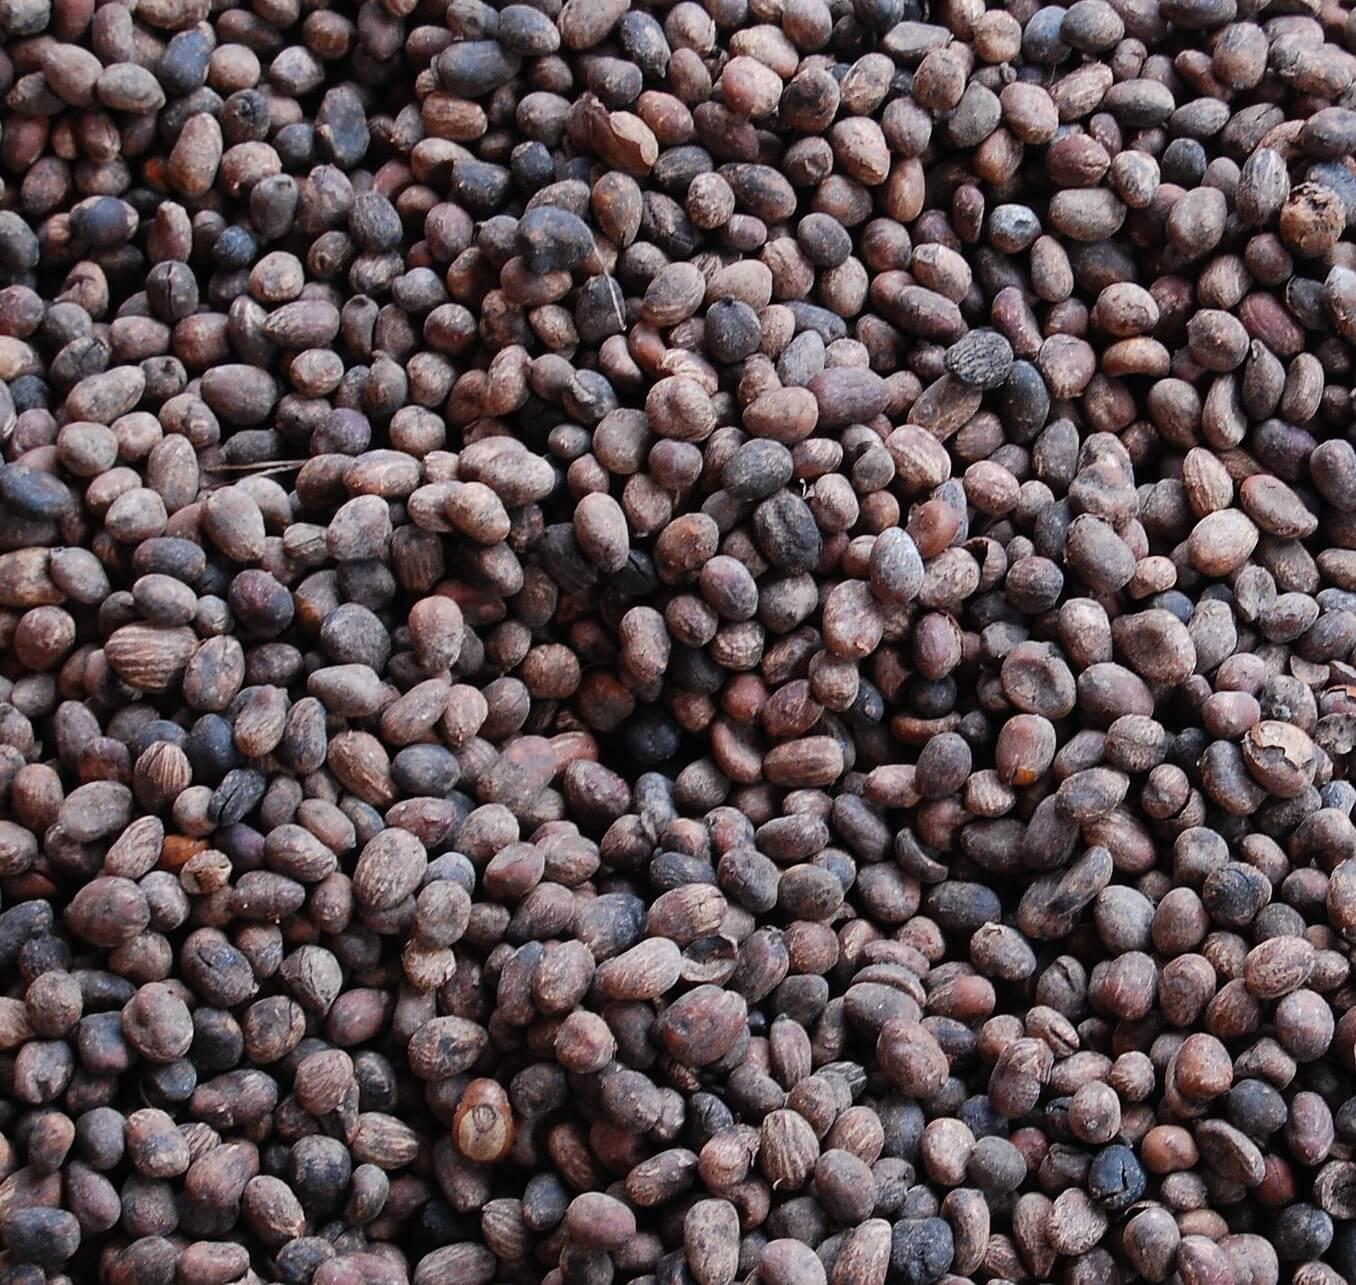 100% Natural Shea Nuts